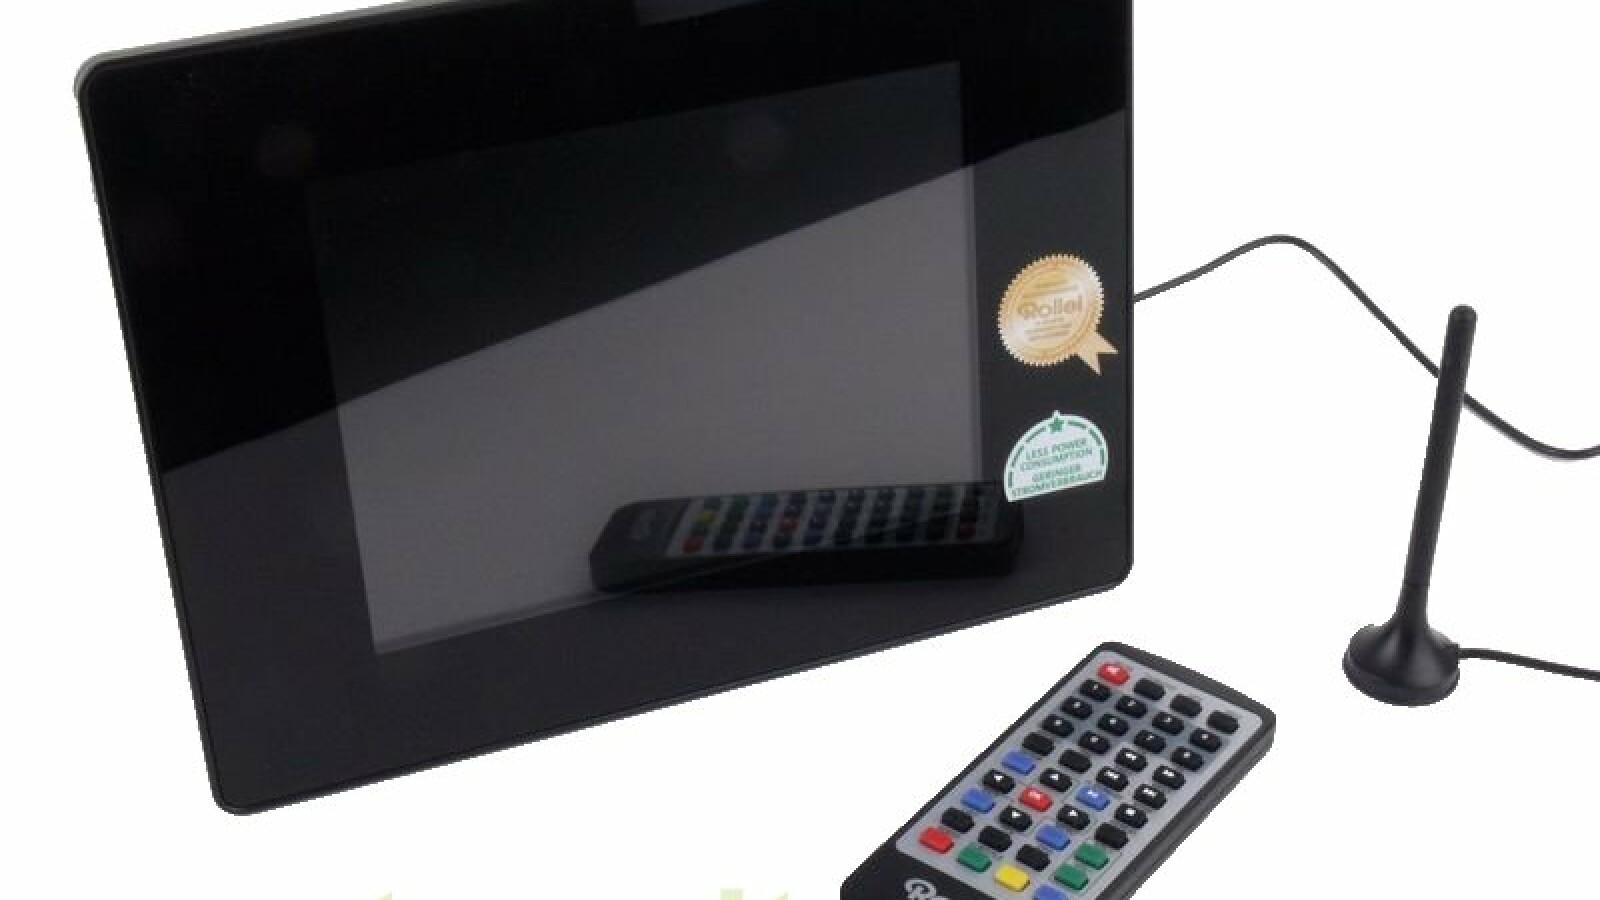 rollei df8 dvb t im test digitaler bilderrahmen und mini fernseher netzwelt. Black Bedroom Furniture Sets. Home Design Ideas